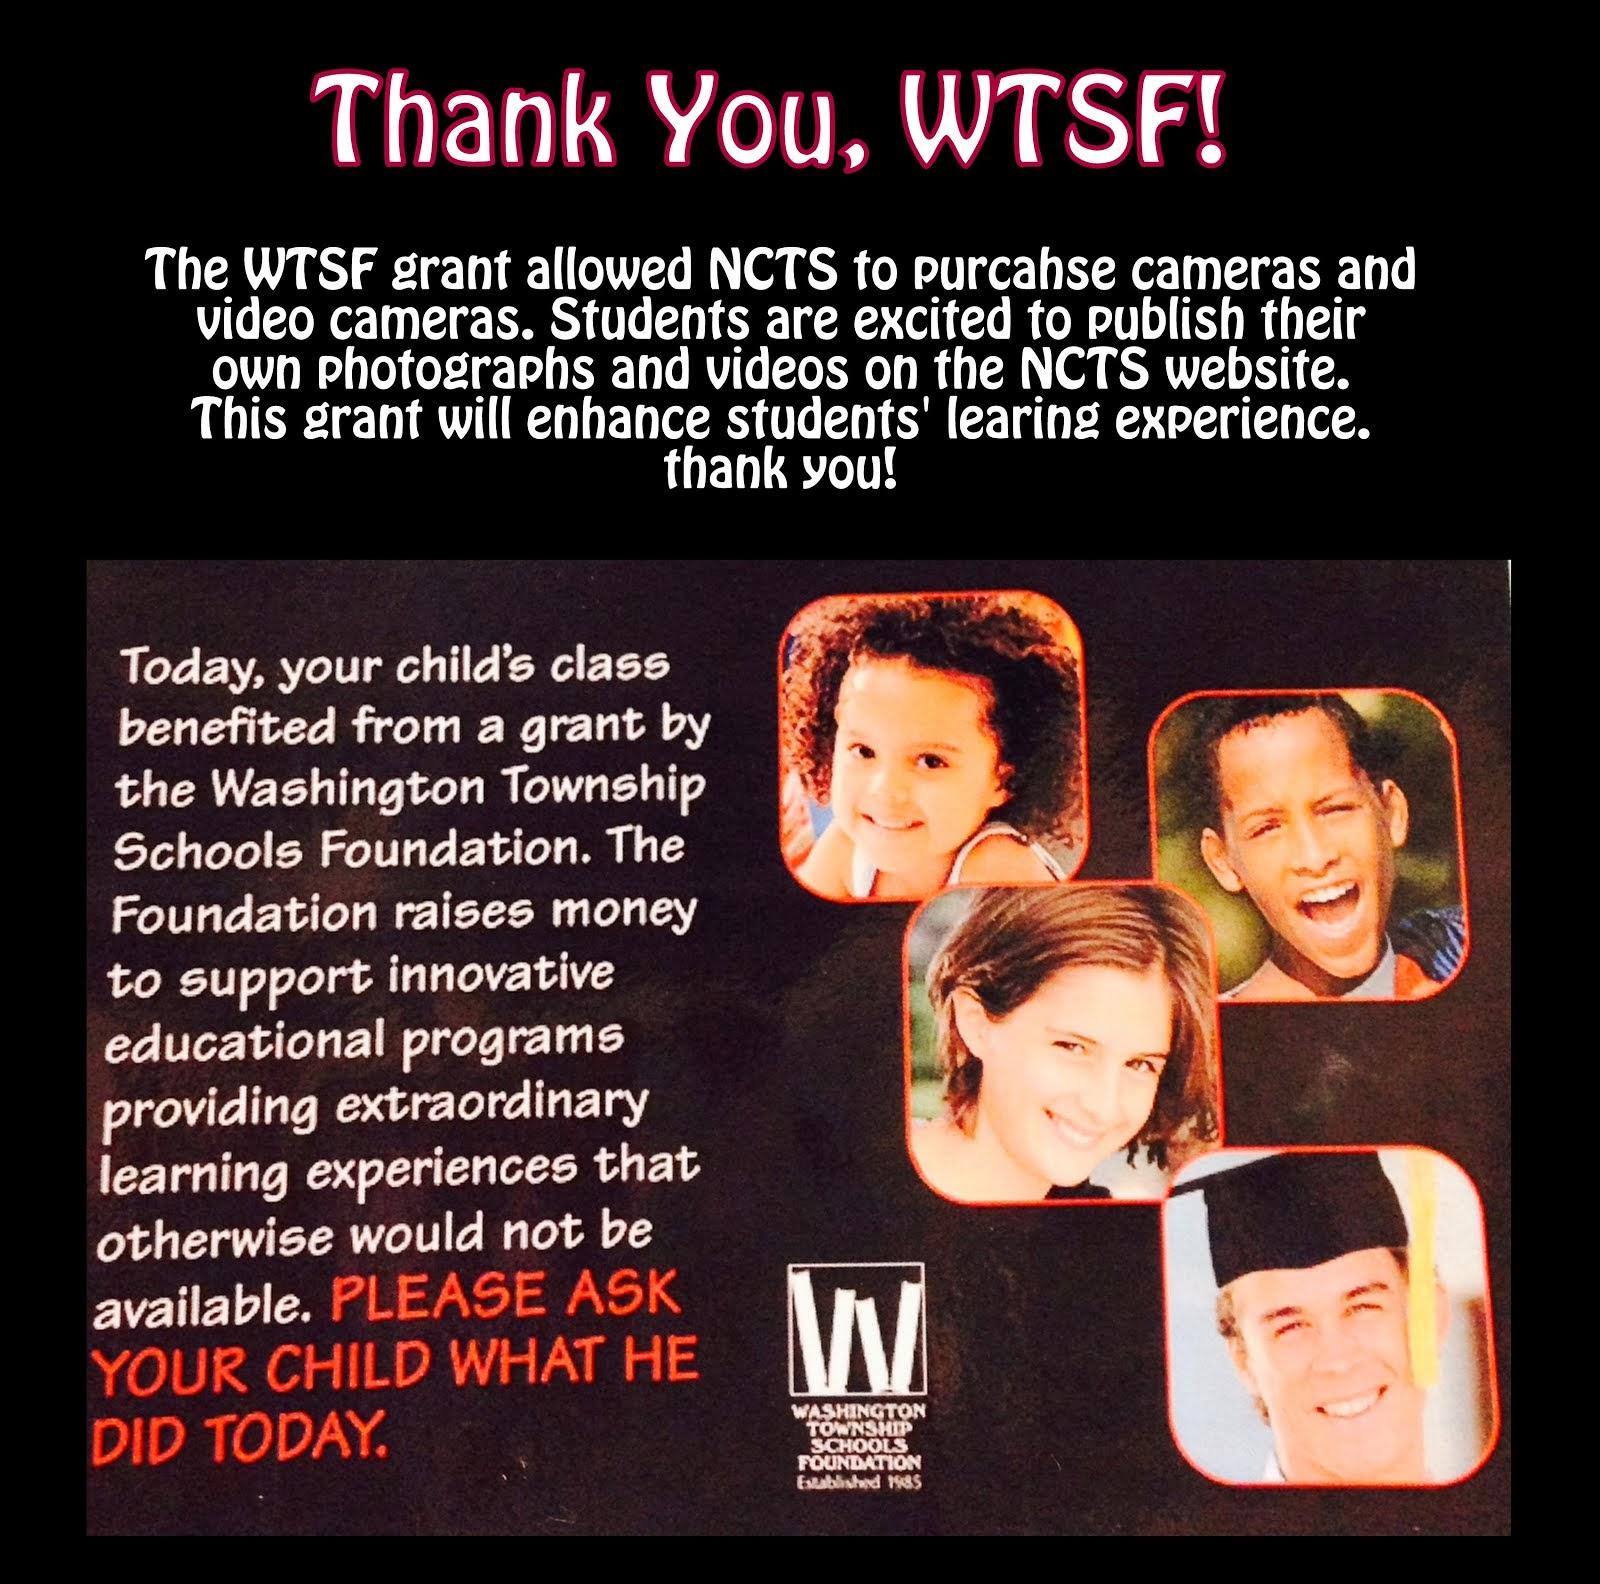 WTSF Grant